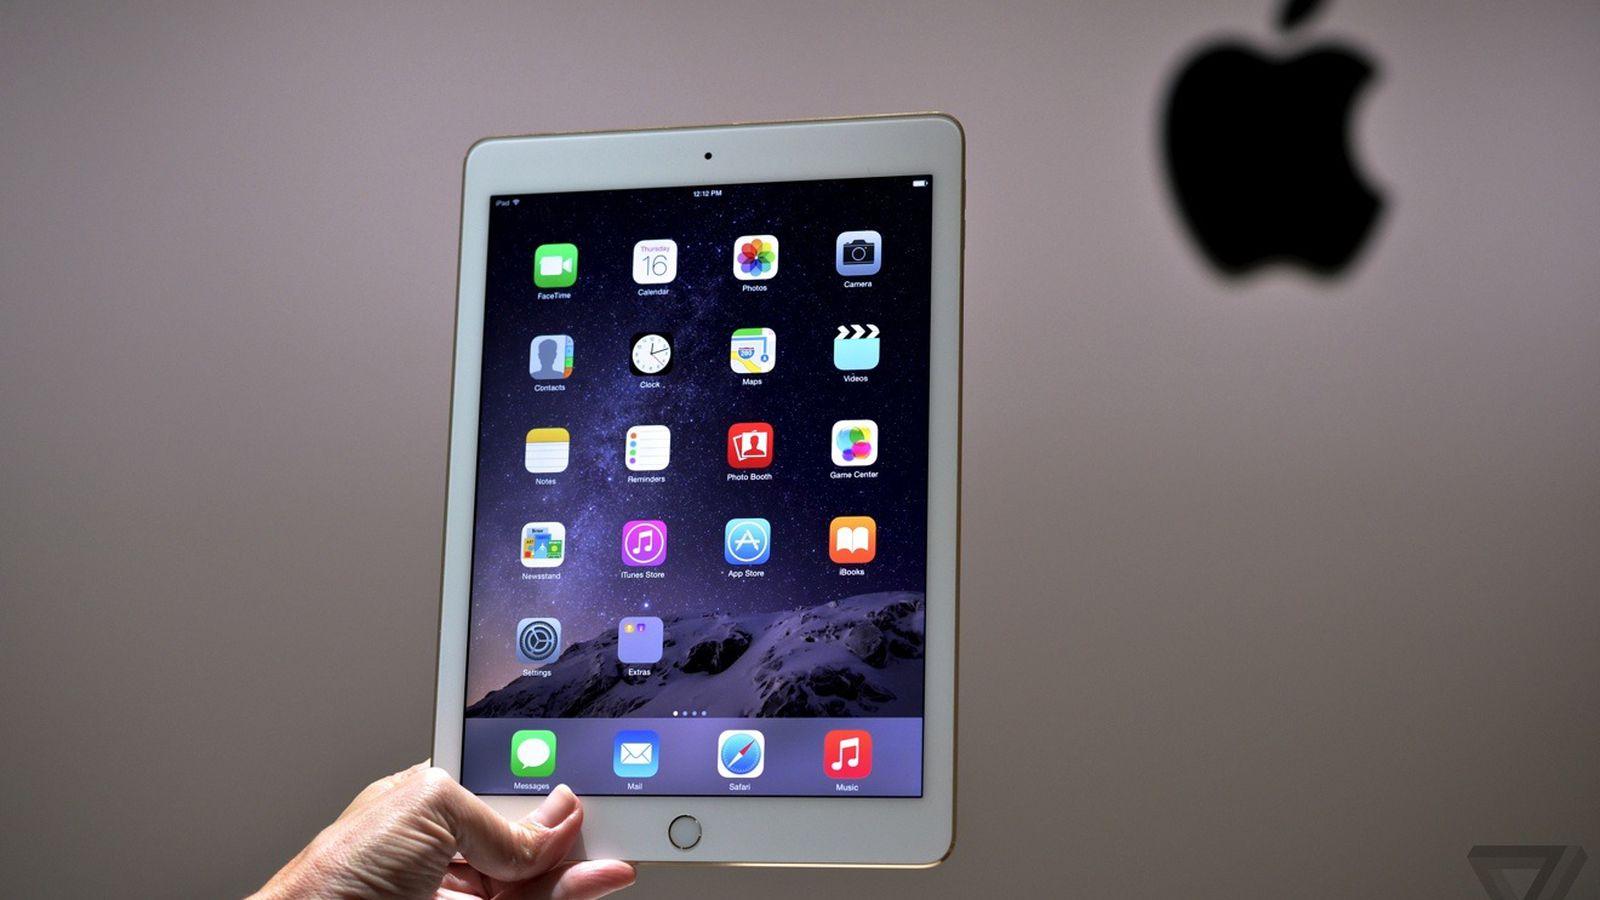 Порнуху смотреть на айпаде, Бесплатное порно для iPad. Новое видео каждый день 5 фотография